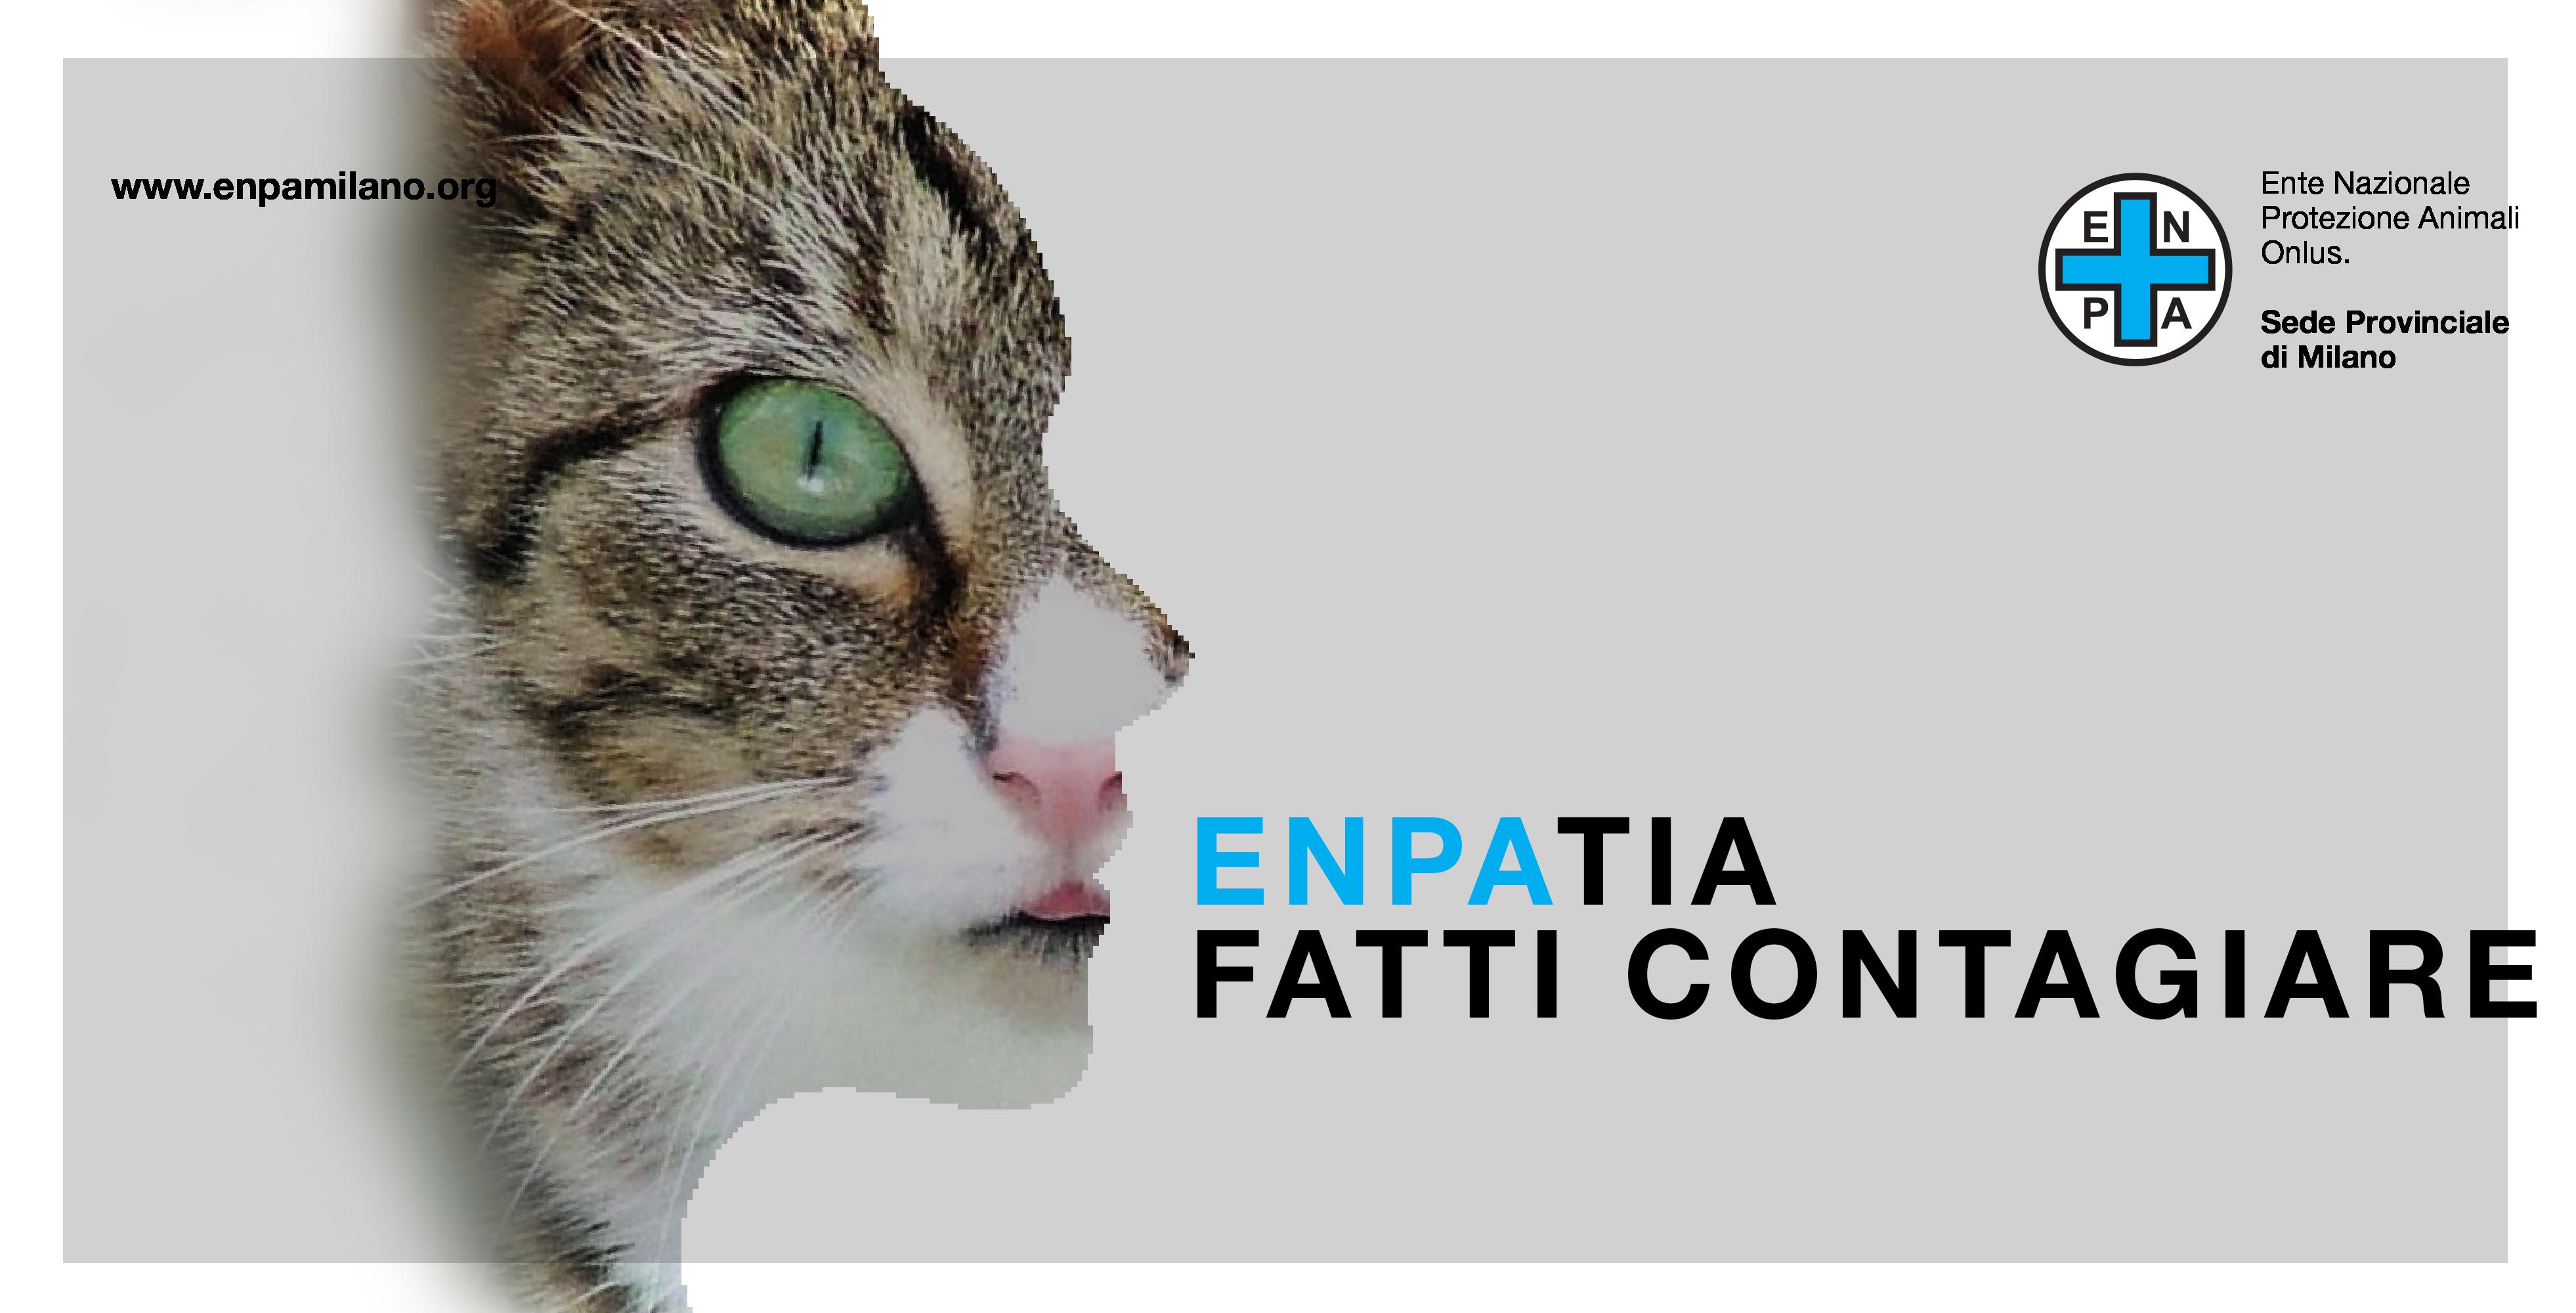 Diventa Volontario Enpa Ente Nazionale Protezione Animali